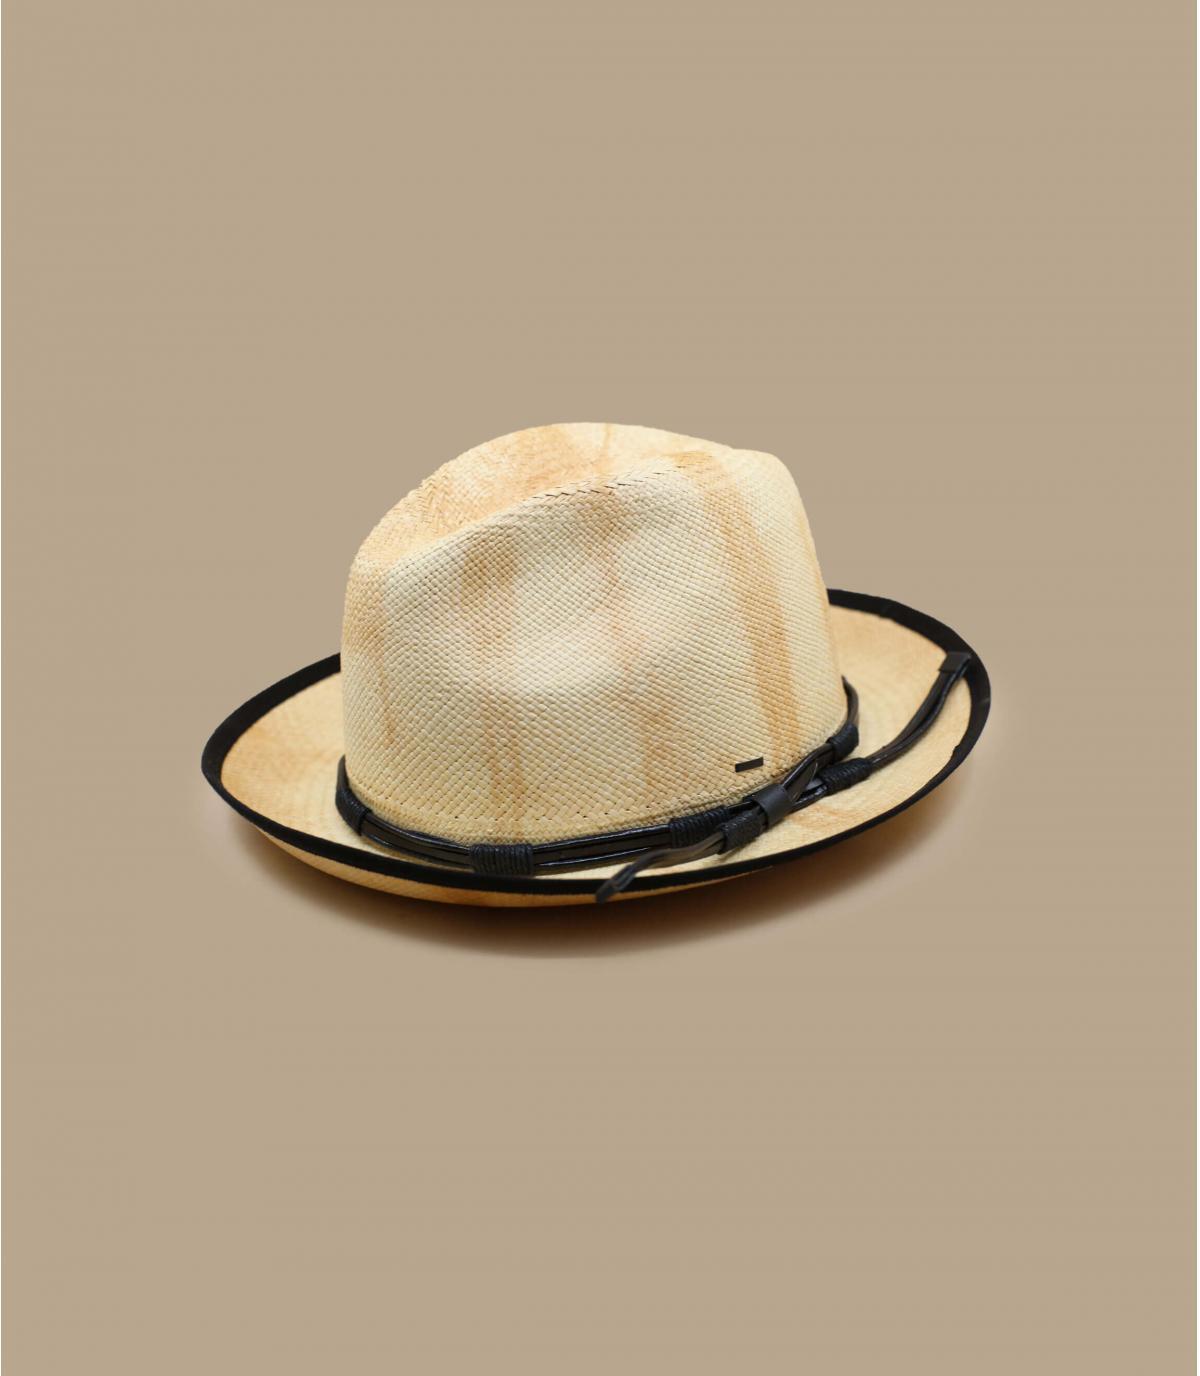 Dettagli Clafin Panama tea stain - image 2